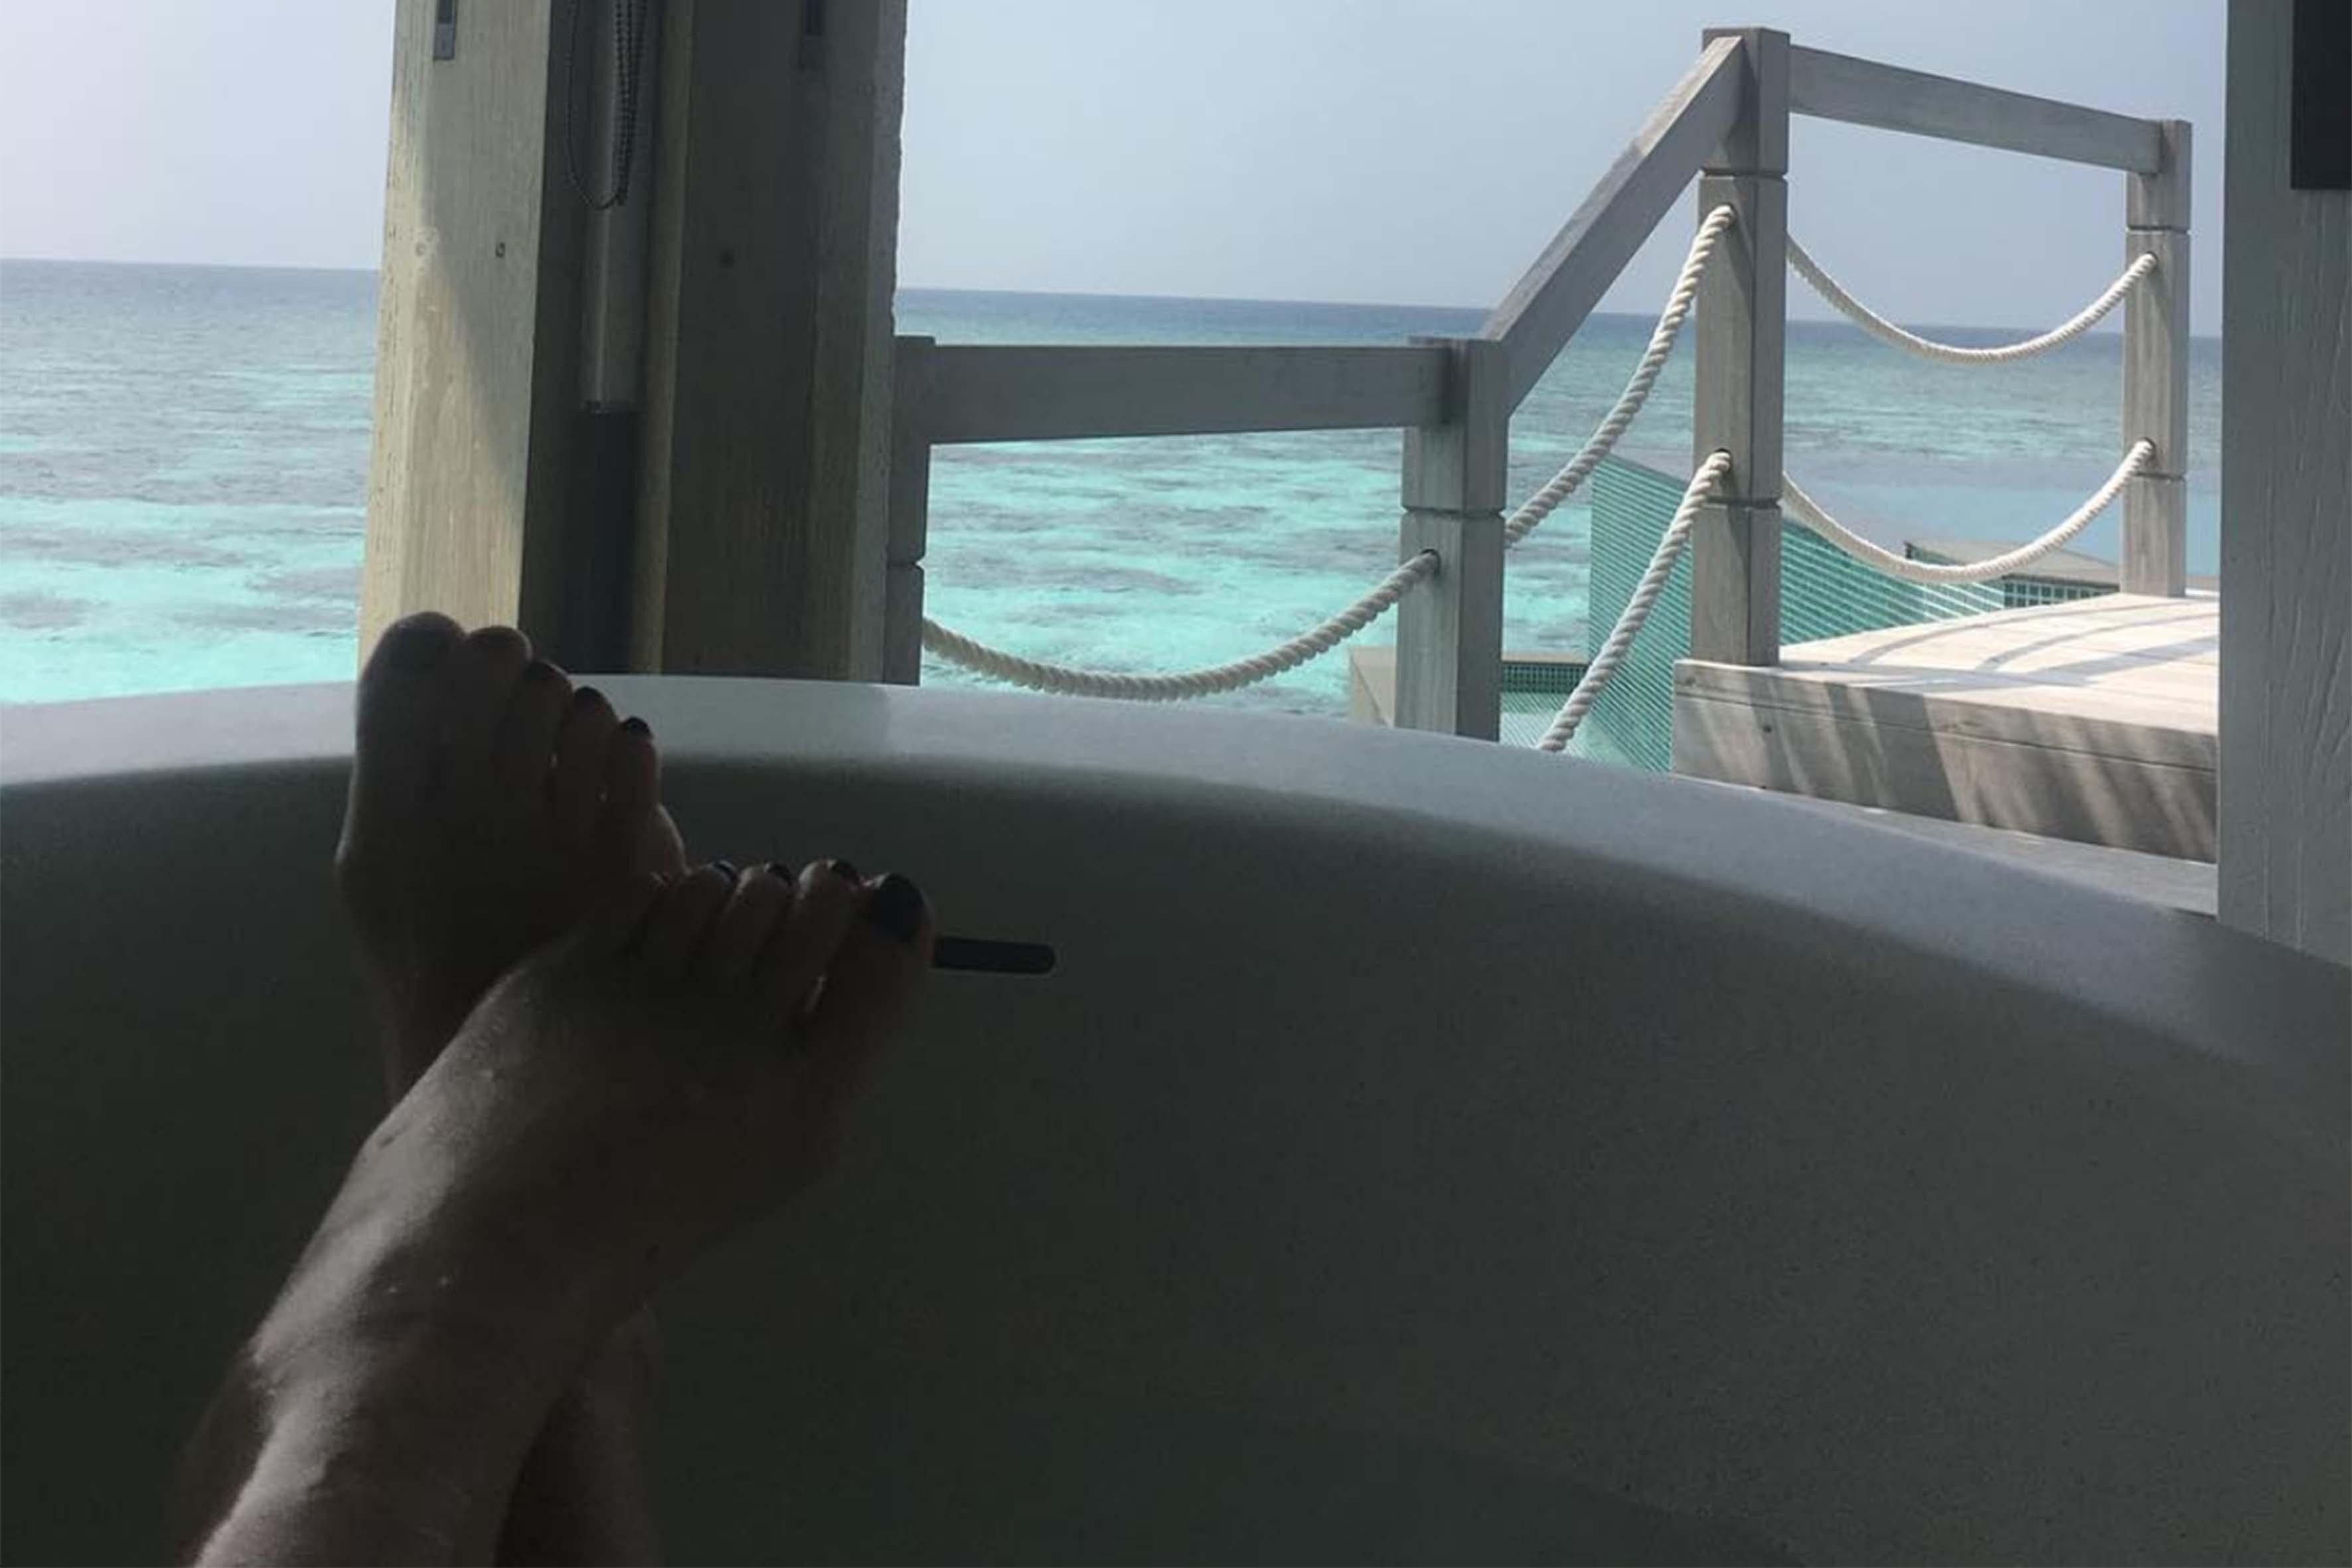 Una foto postata sui social dalla mamma di Justin Bieber dal lussuoso residence alle maldive